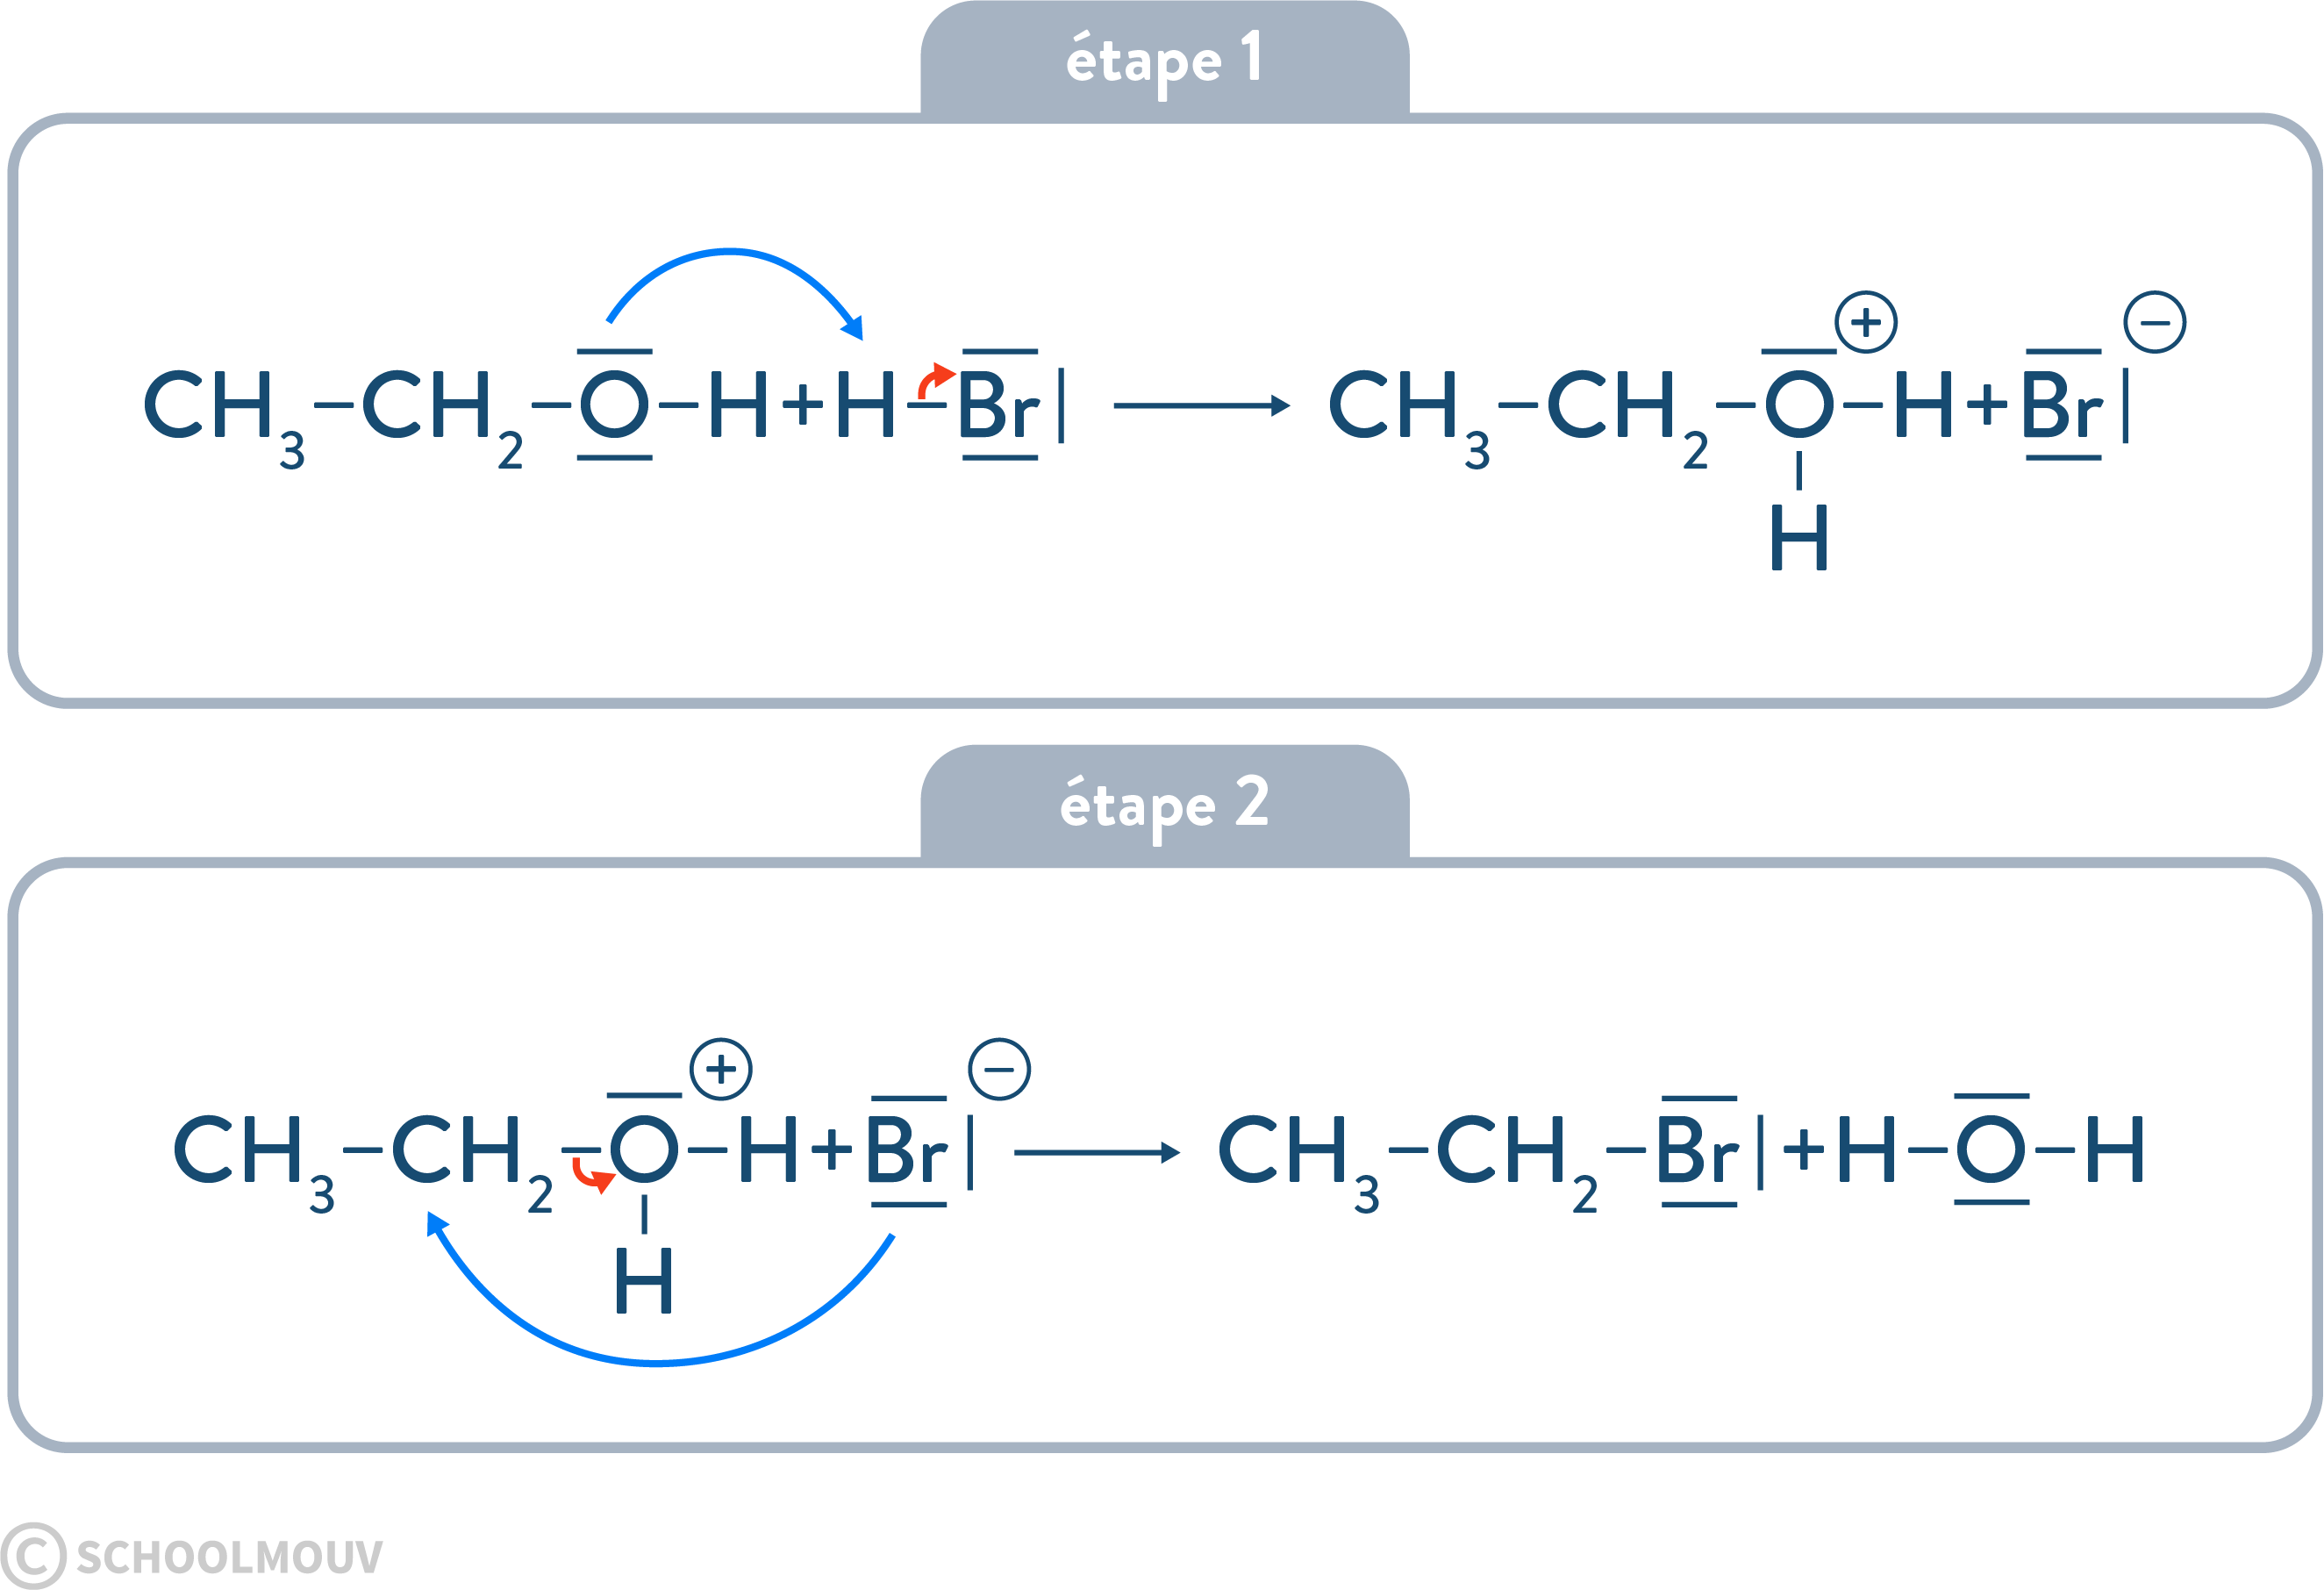 physique chimie terminale étapes d'une transformation chimique modele microscopique